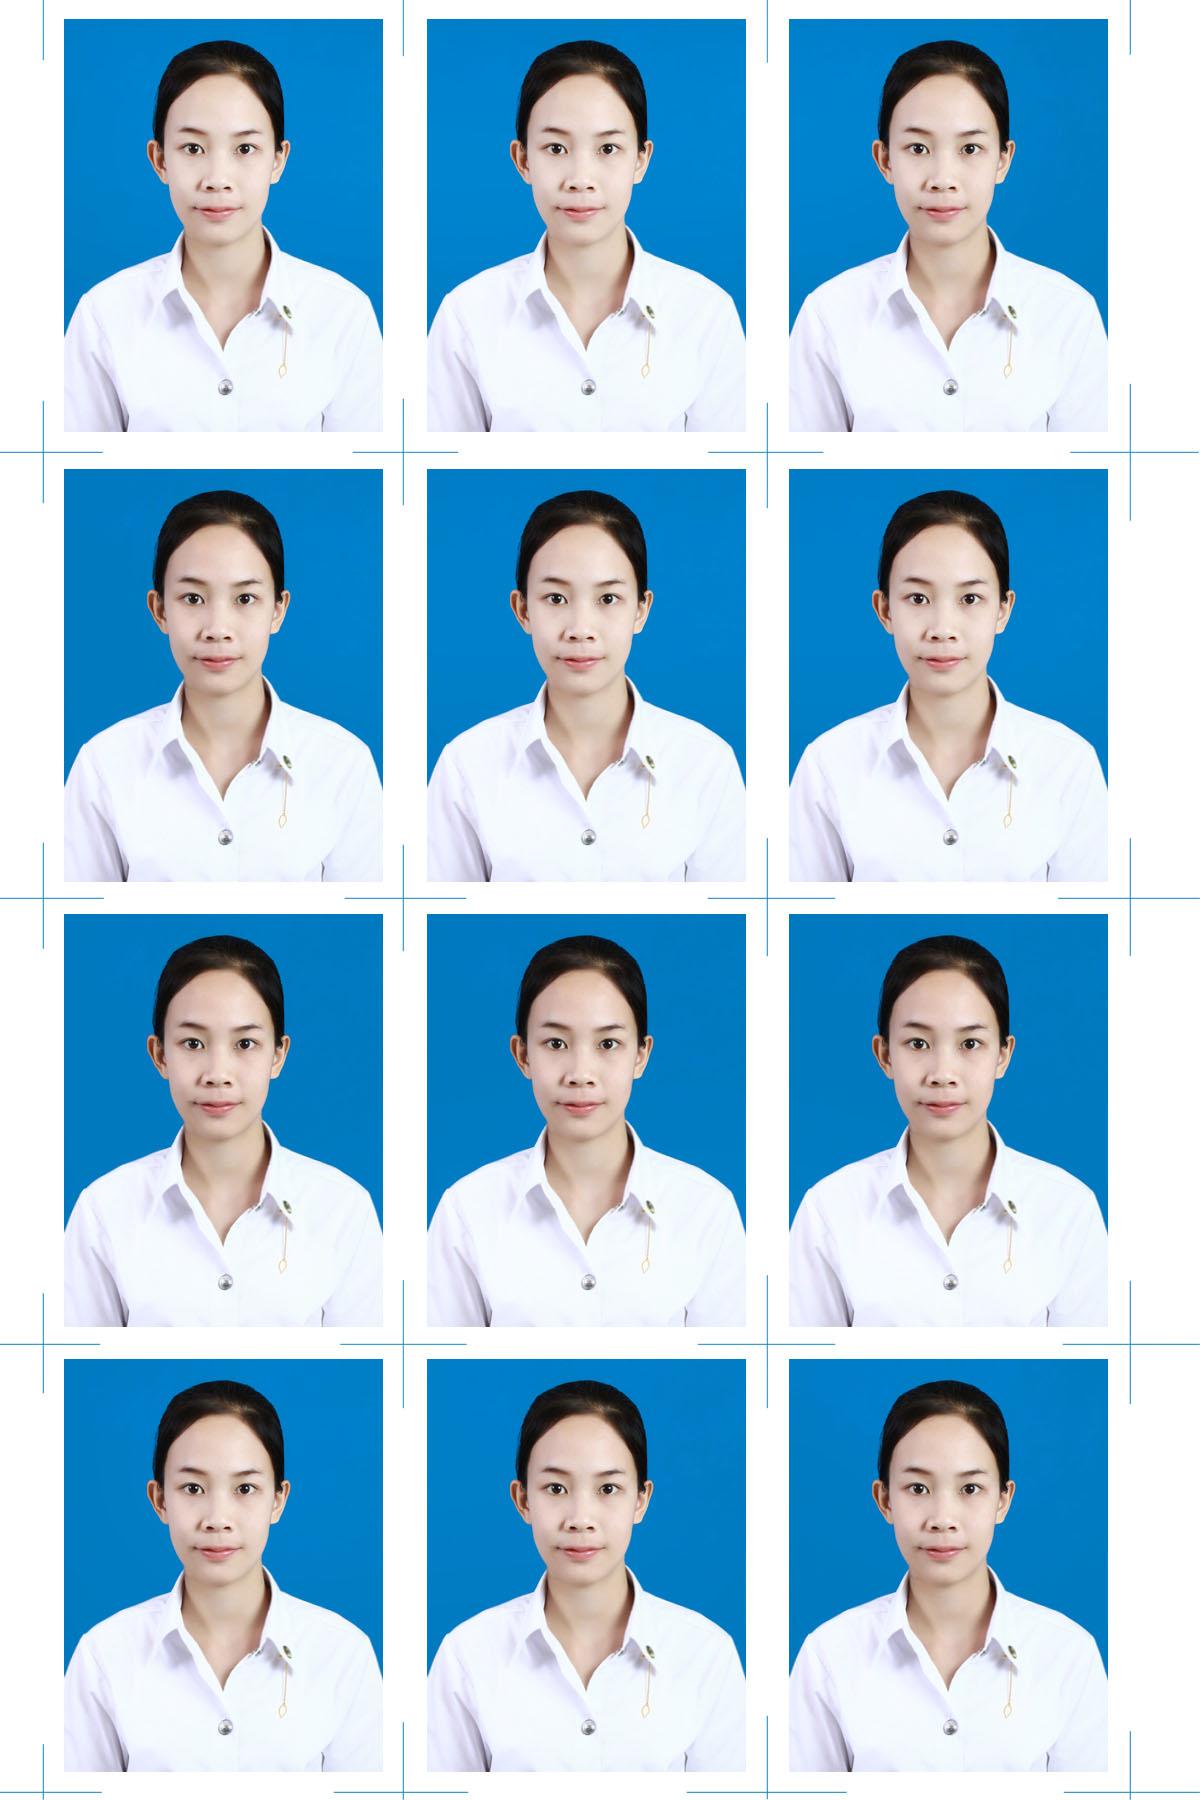 ถ่ายรูปนักศึกษา (ในเครื่องแบบ)